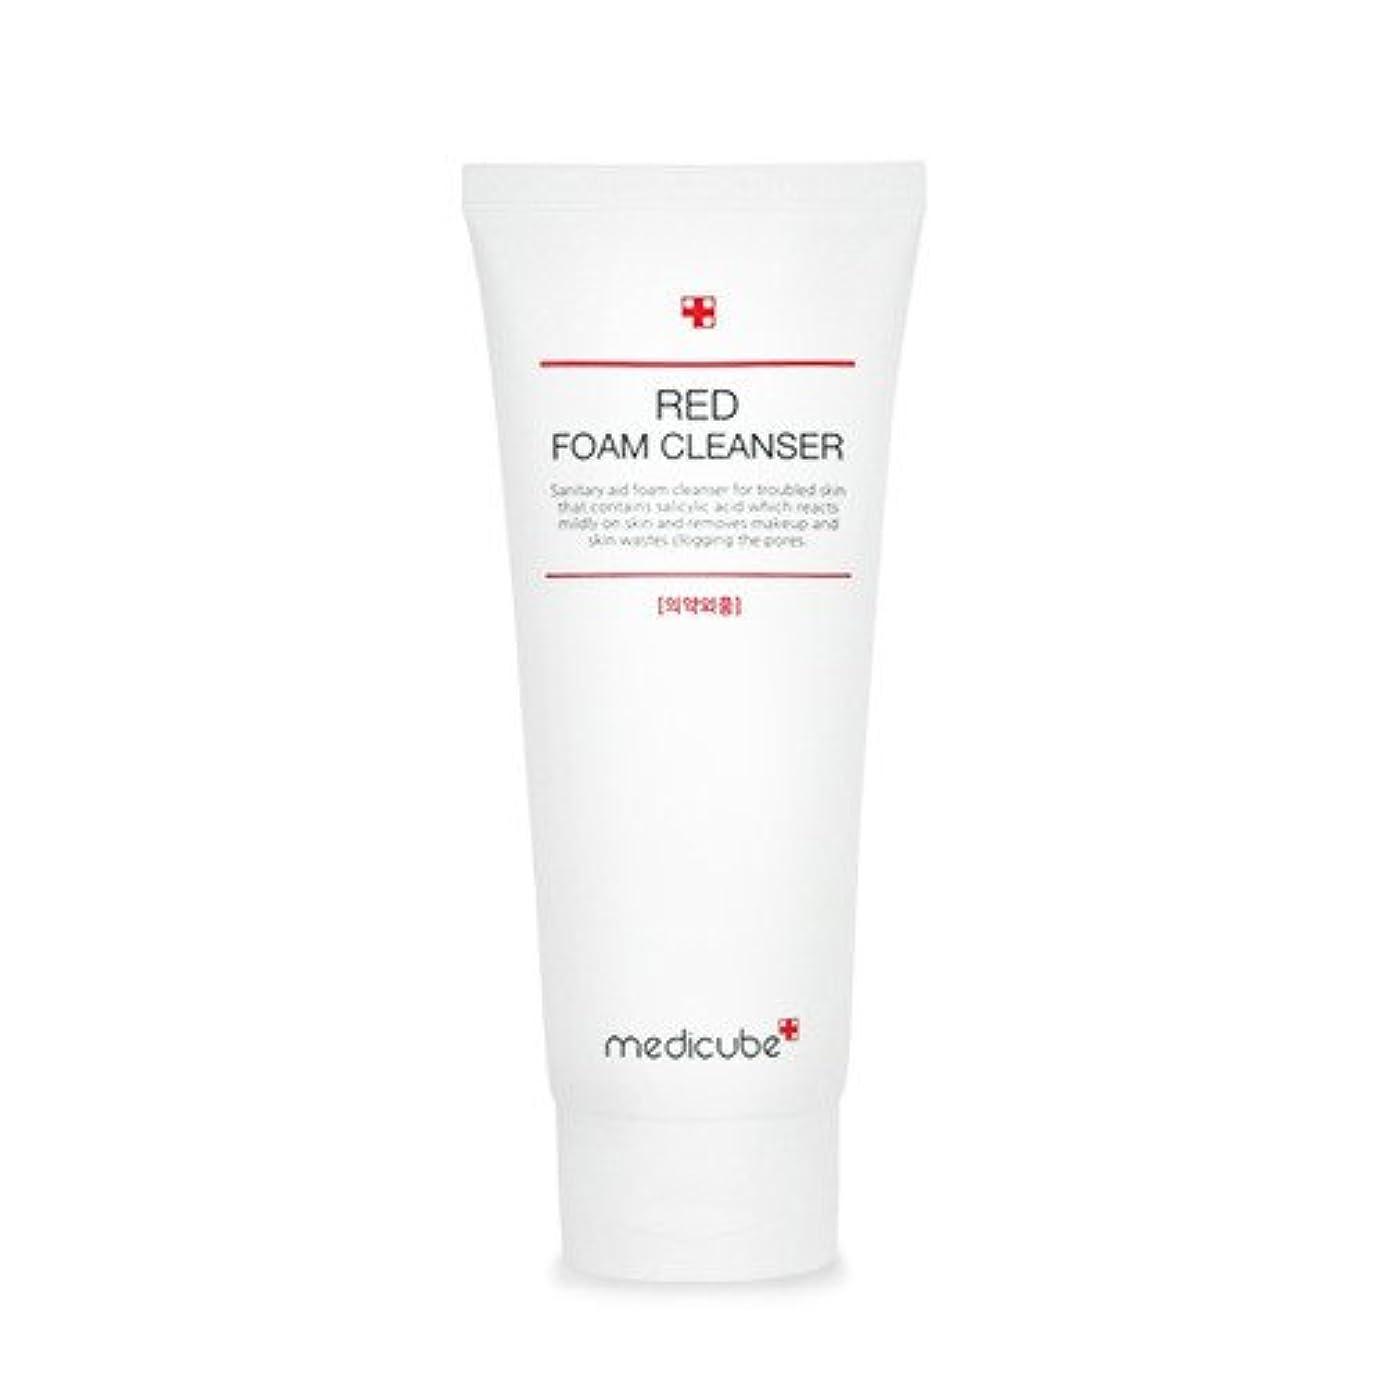 航空機靄検閲[Medicube]Red Foam Cleanser 120ml / メディキューブレッドクレンジングフォーム / 正品?海外直送商品 [並行輸入品]